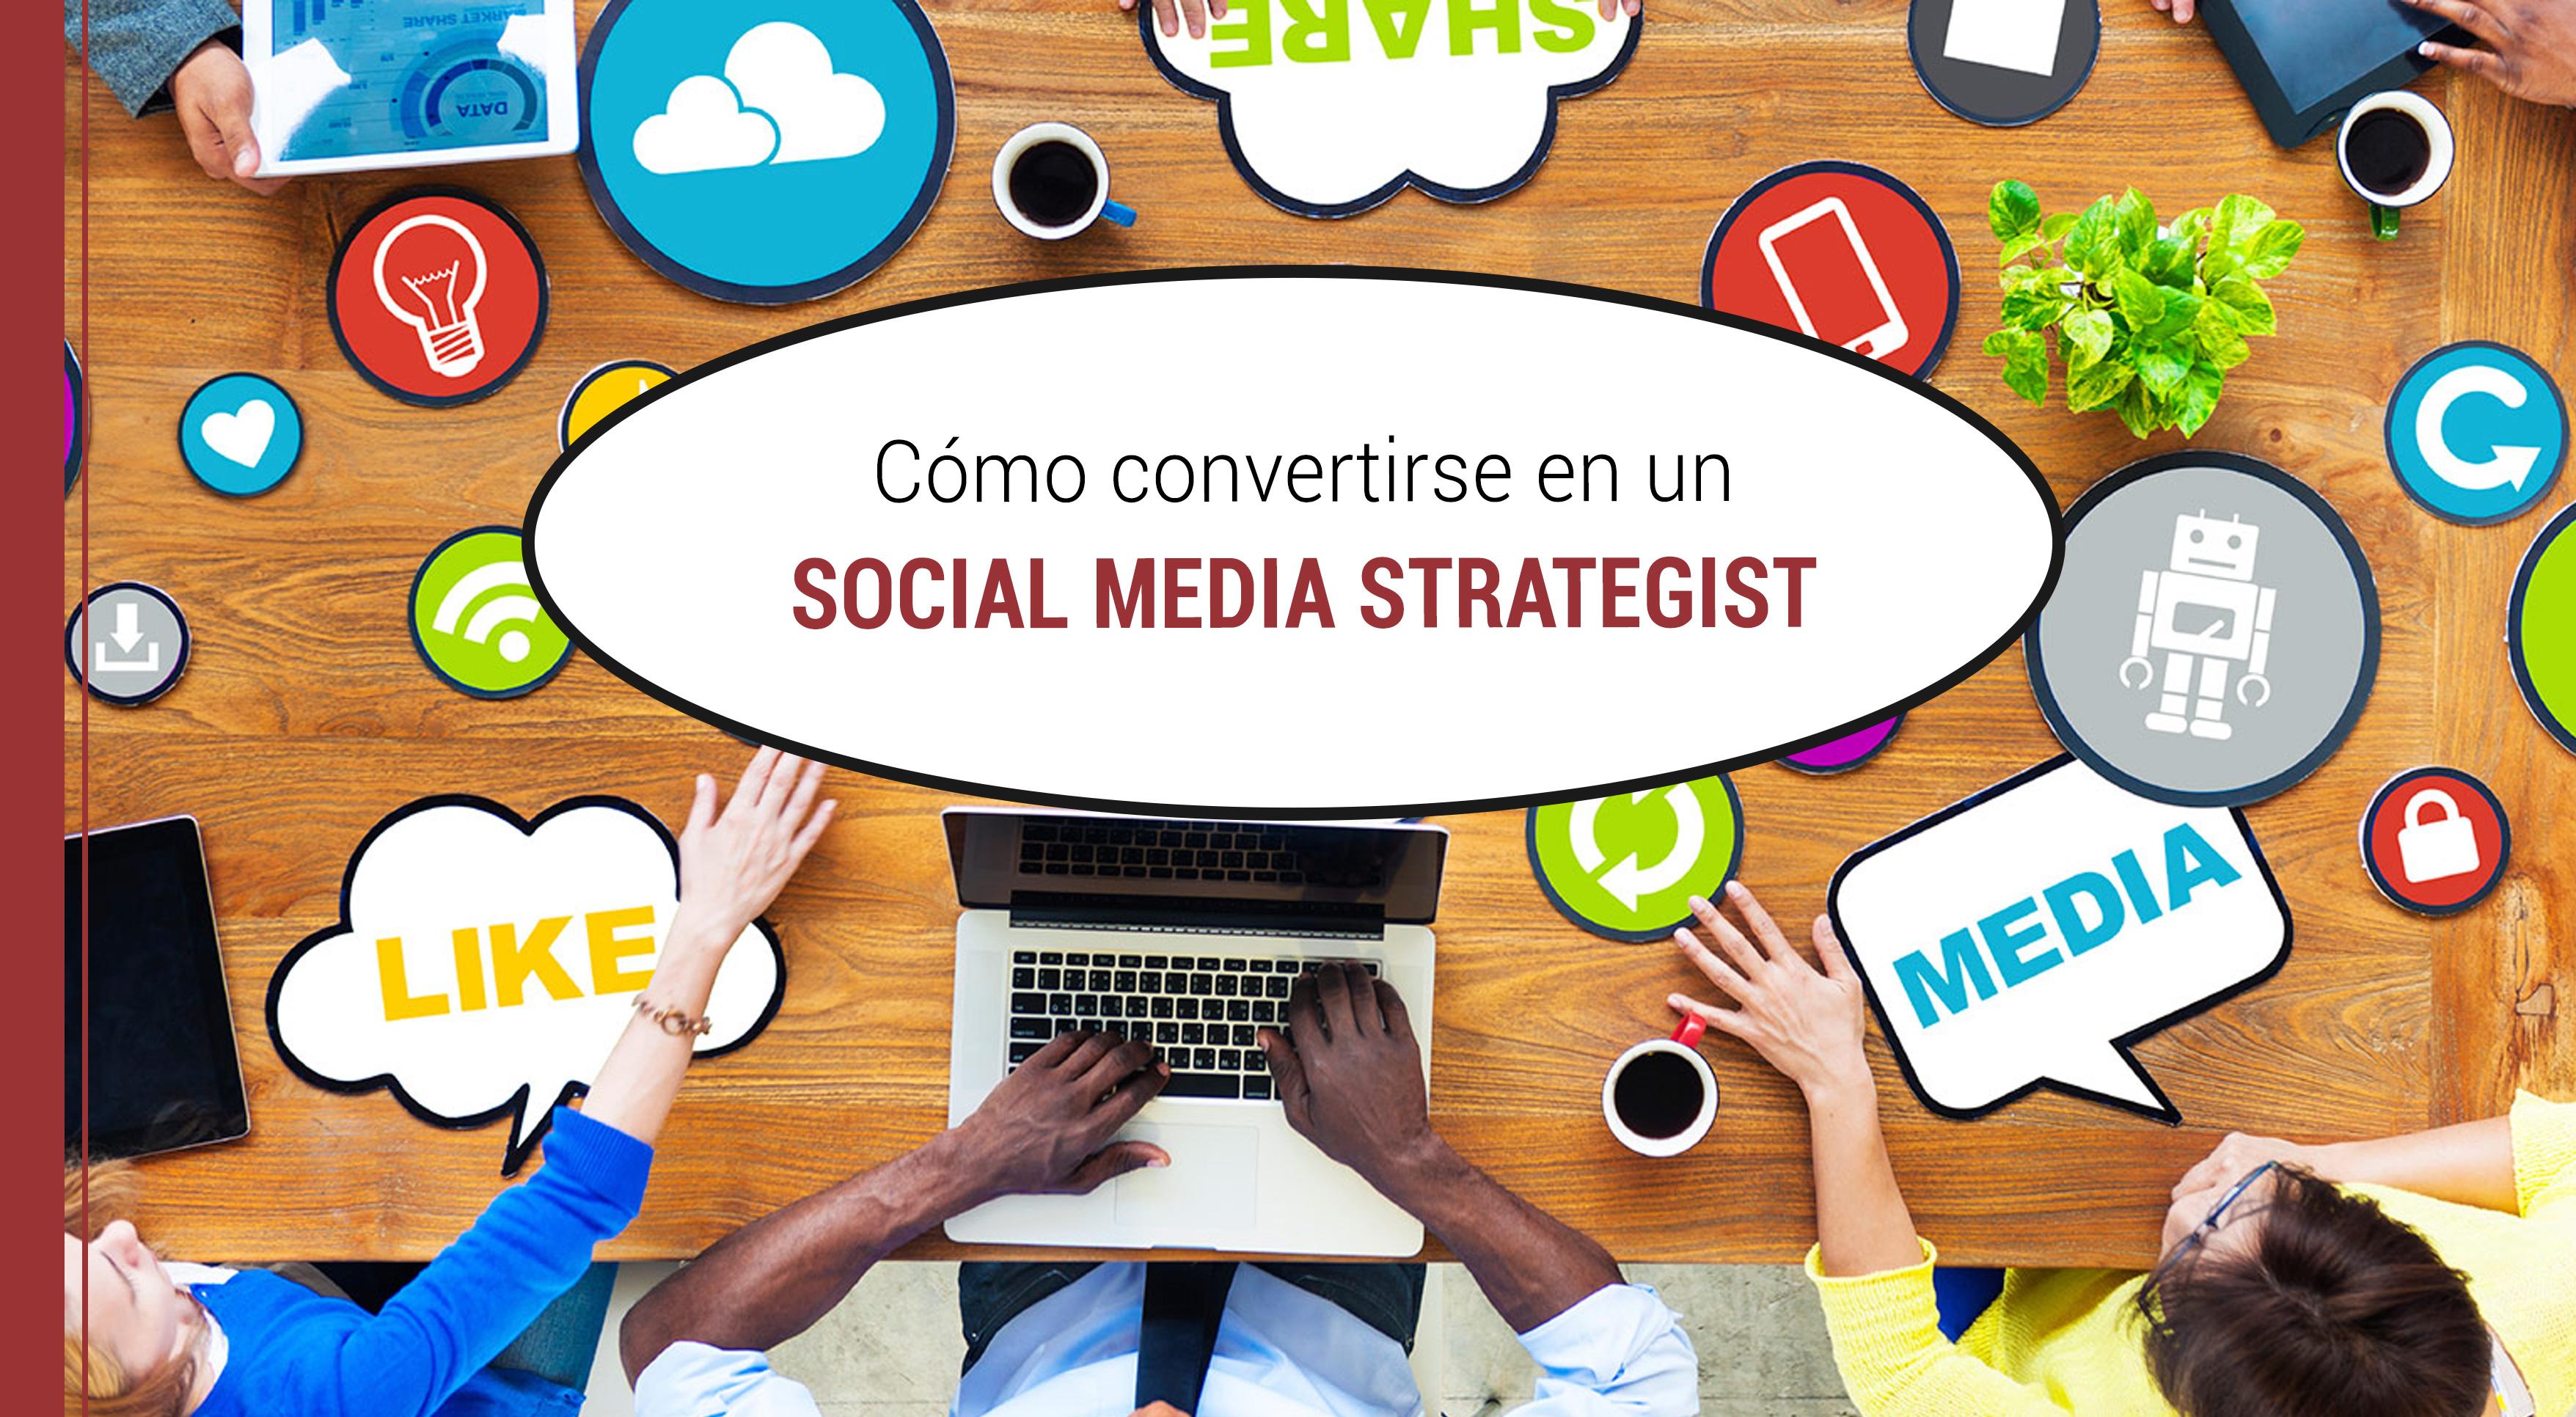 que es y como convertirse en social media strategist